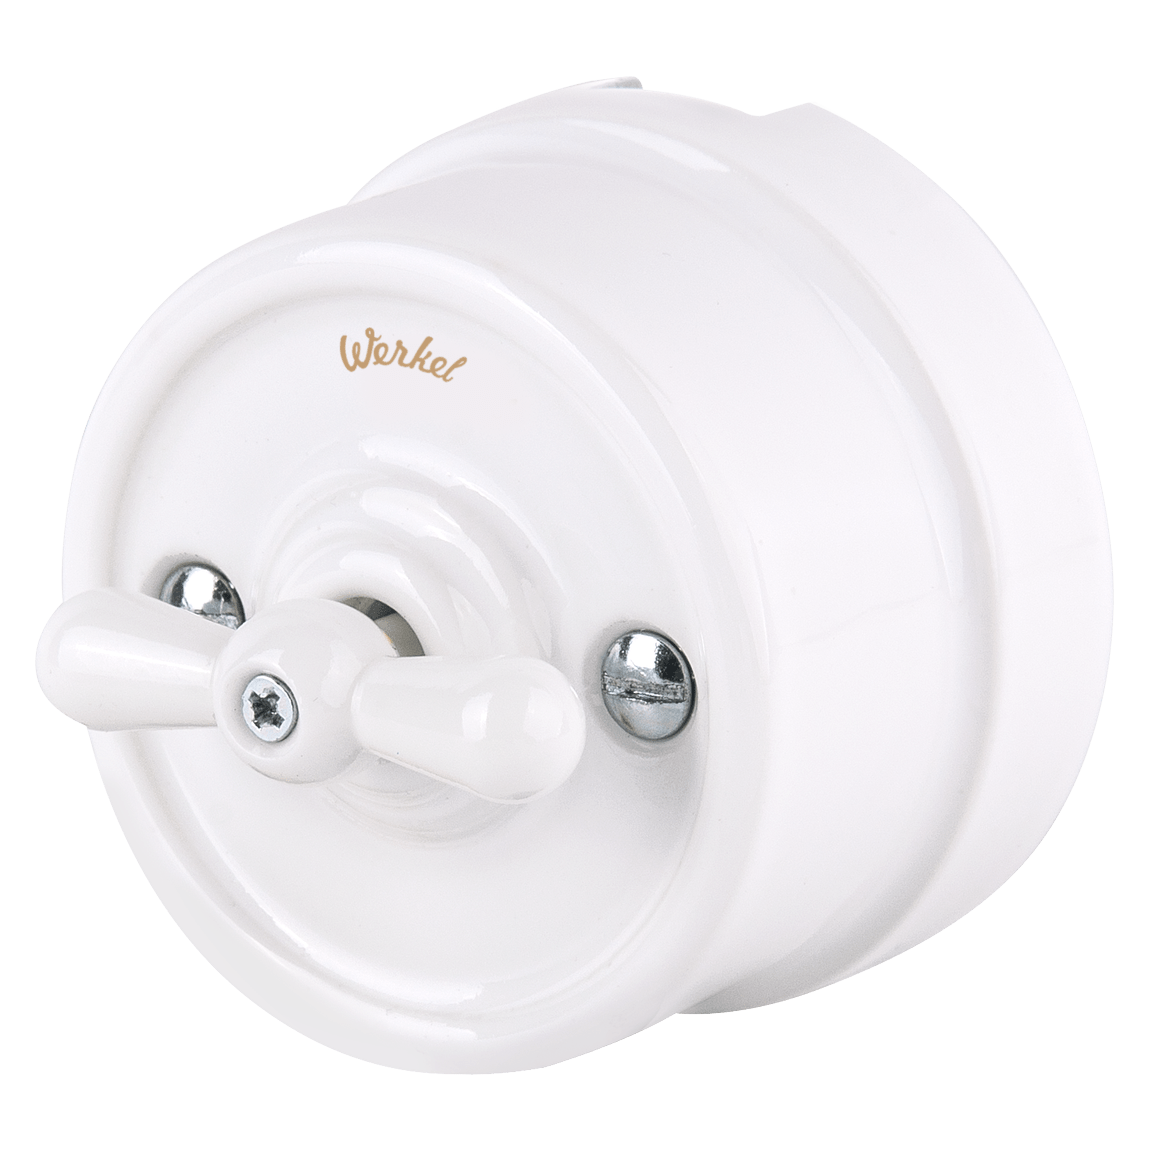 WL18-01-05/ Выключатель на 4 положения двухклавишный (белый) Ретро